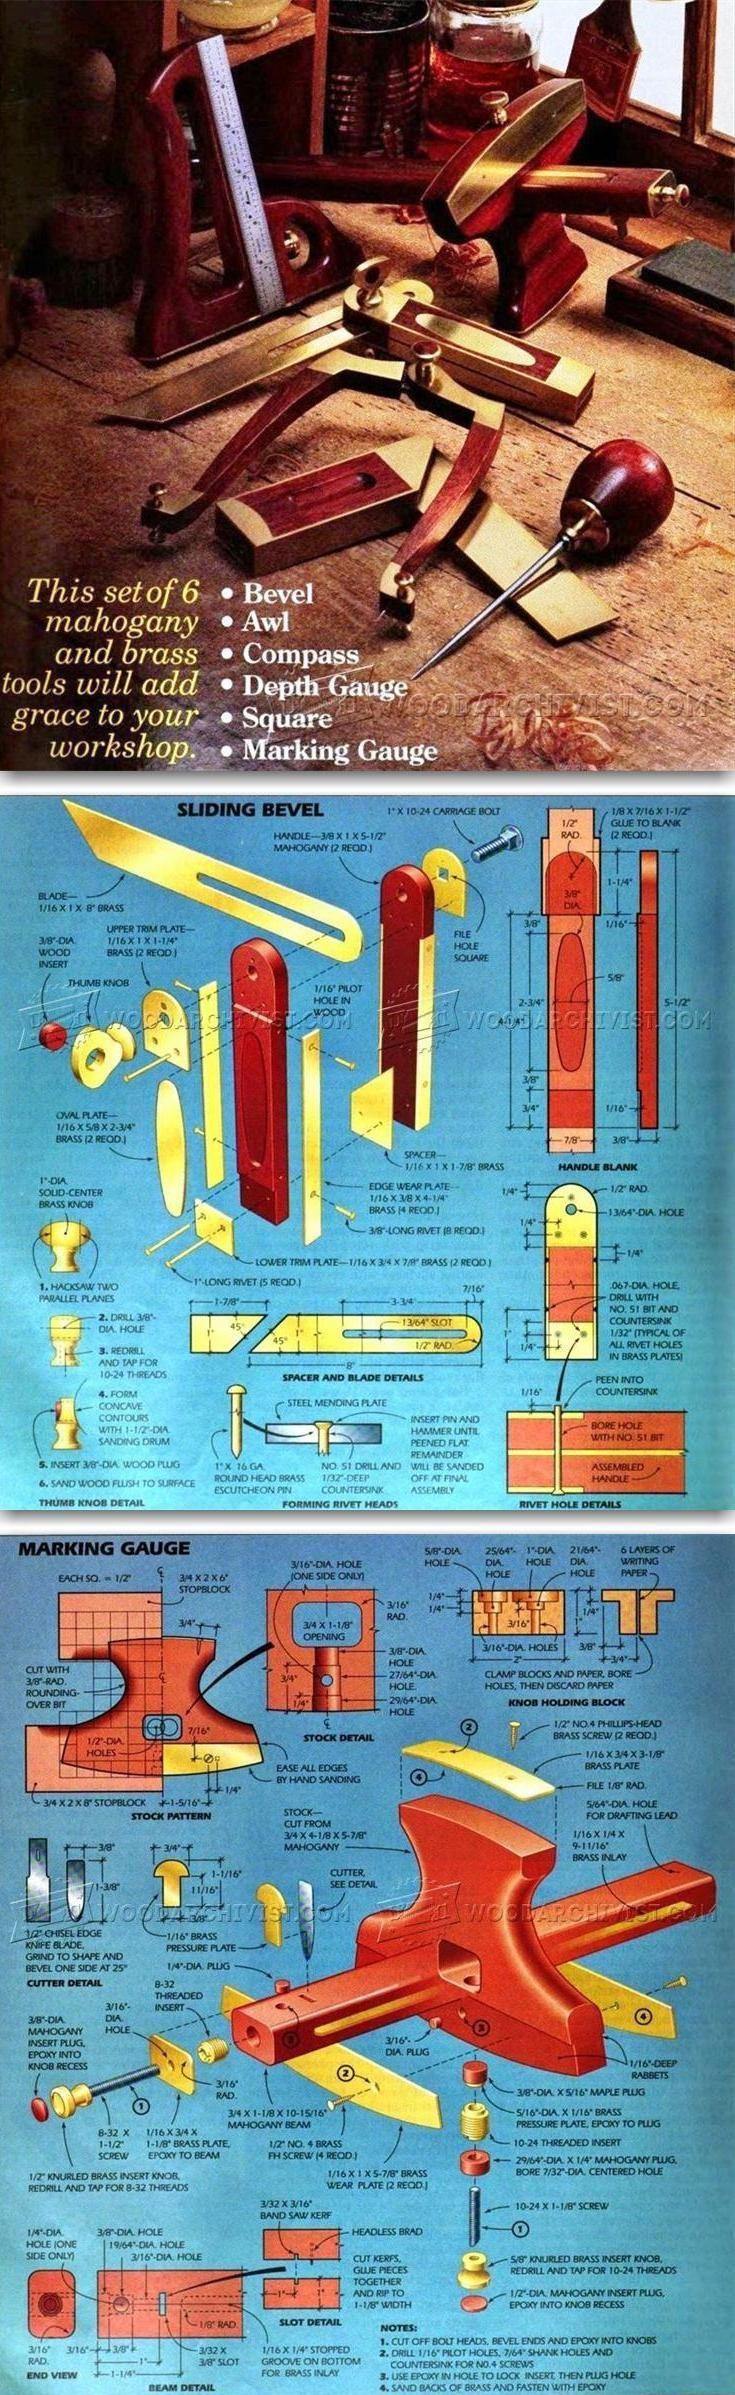 DIY Woodworking Hand Tools - Hand Tools Tips and Techniques   WoodArchivist.com